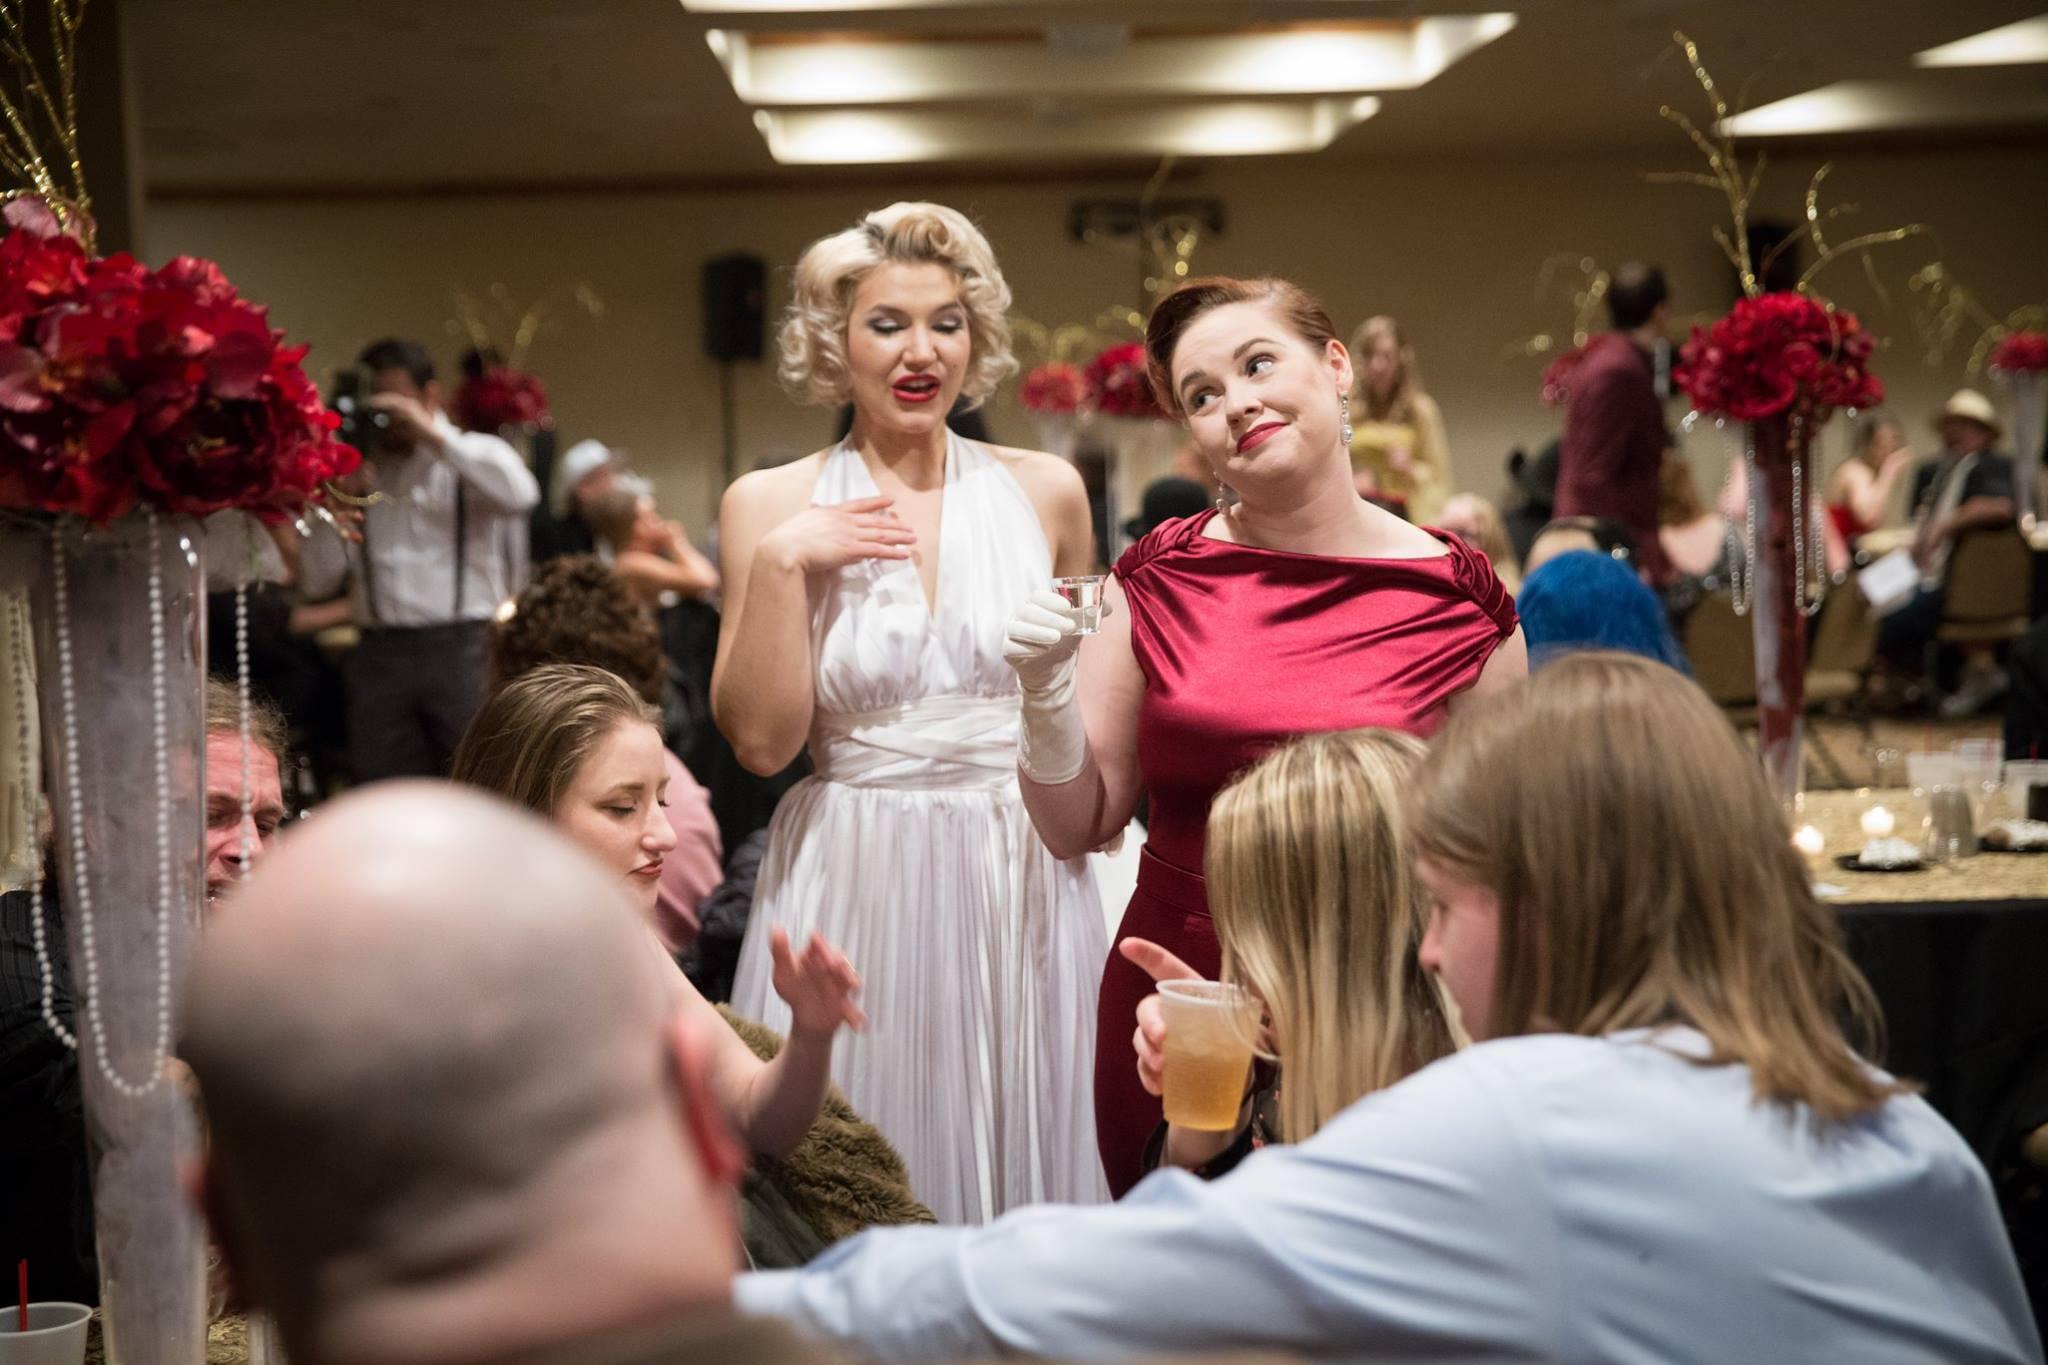 MM Judy & Marilyn